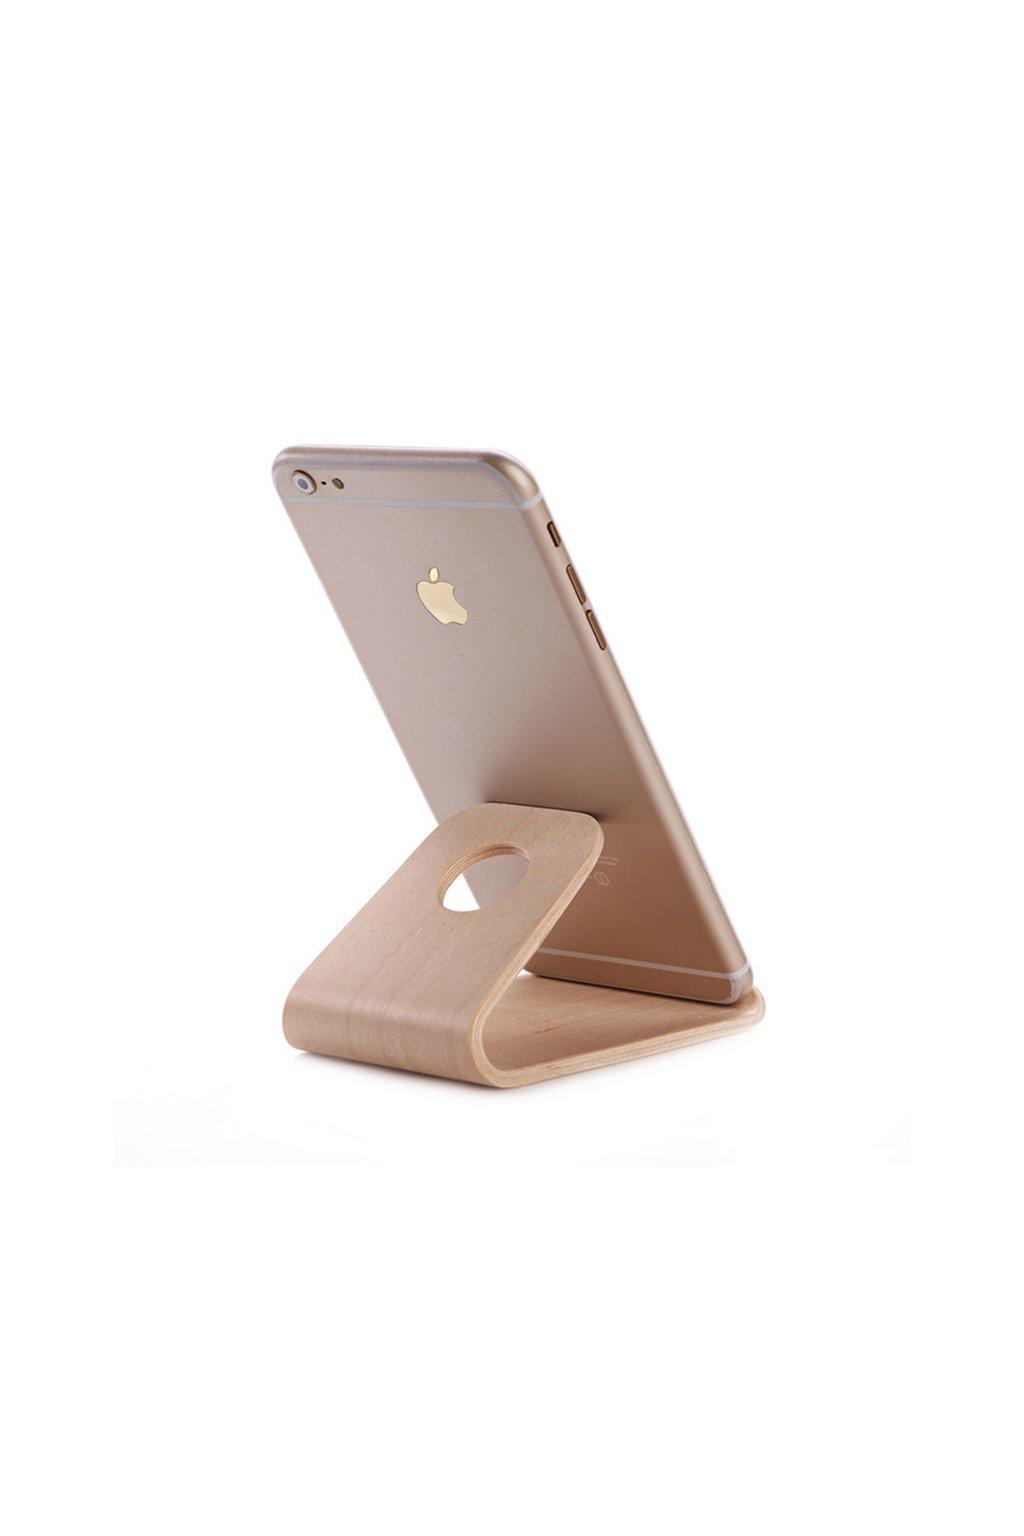 Dřevěný stojánek pro iPad a iPhone